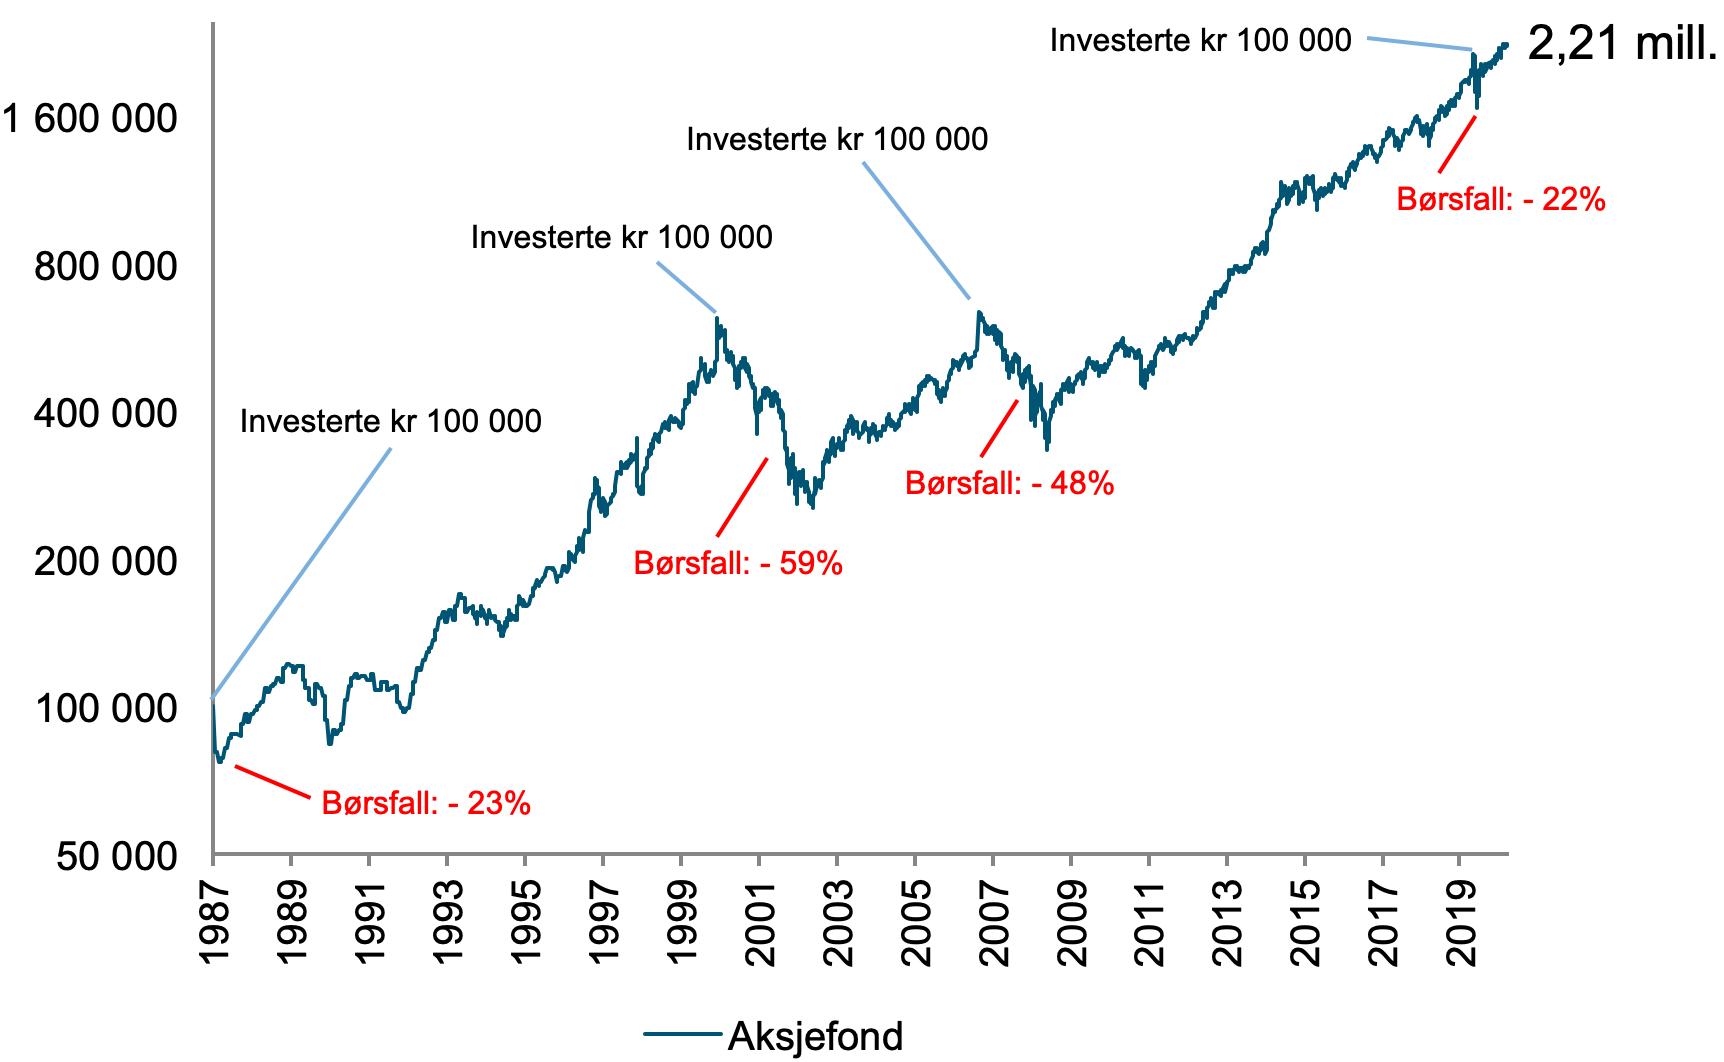 Her ser du utviklingen på 100 000 kroner investert i et globalt aksjefond 12. oktober 1987, 100 000 kroner 20. september 2000, 100 000 kroner 1. juni 2007 og 100 000 kroner 19. februar 2020, og hvor mye penger det ble.